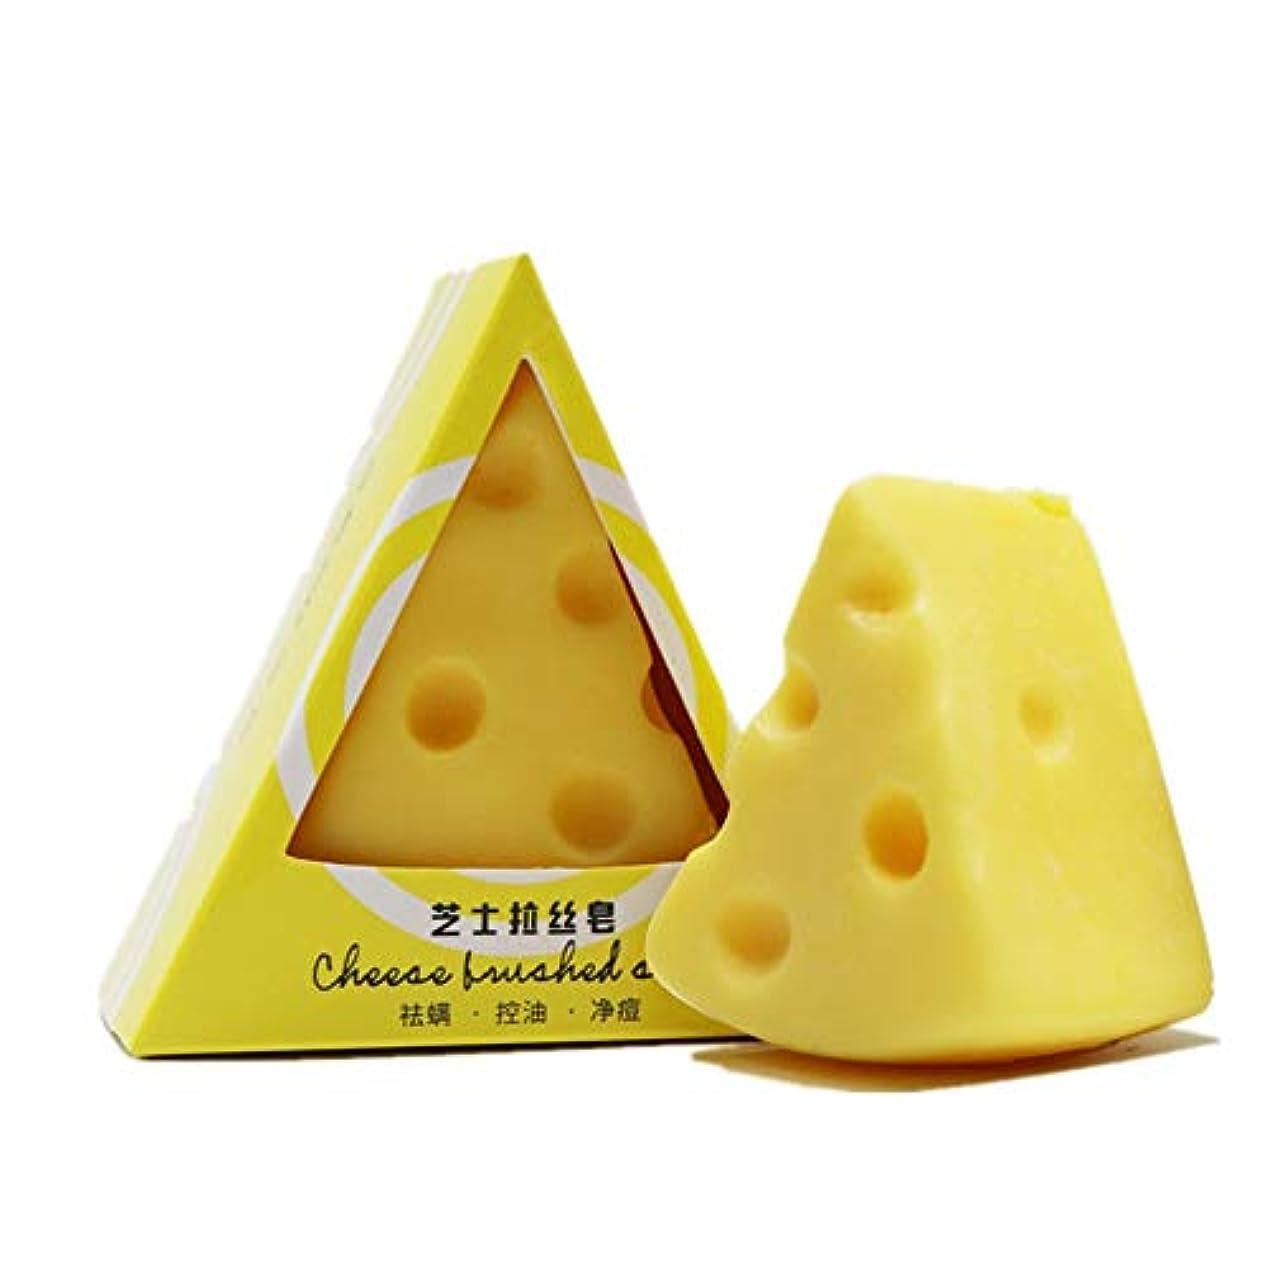 対処香りスワップKISSION ボディソープ 起毛石鹸 ボディクレンジング チーズソープ 手作り石鹸 保湿オイル制御 防ダニ にきび対策 フェイシャルソープ